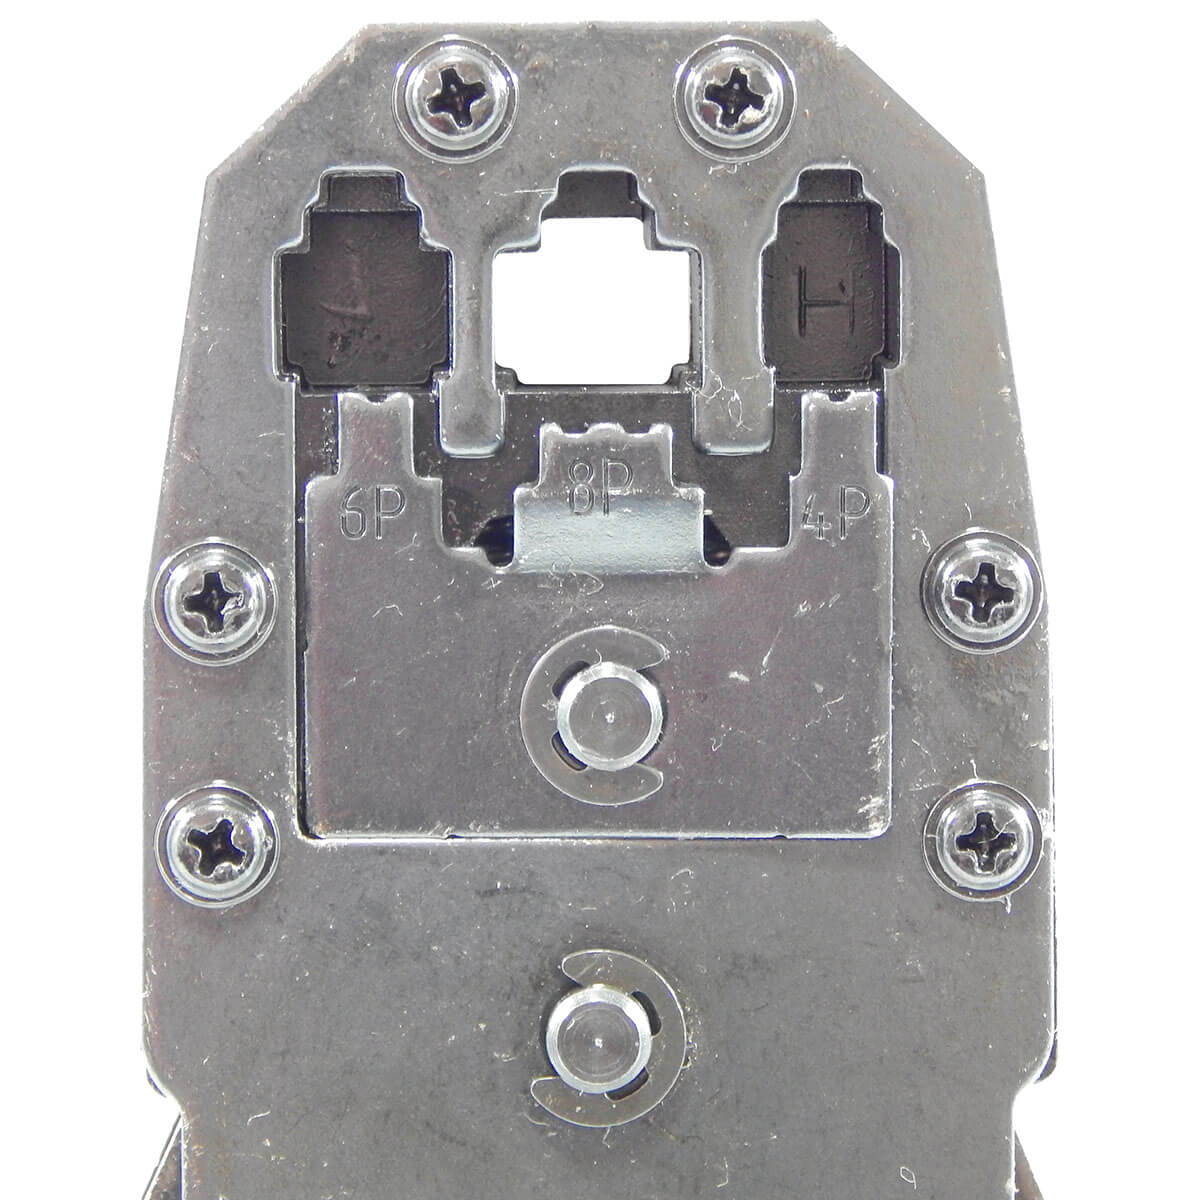 KIT Alicate p/ Crimpagem RJ45 e RJ11 + 100x Conectores RJ45